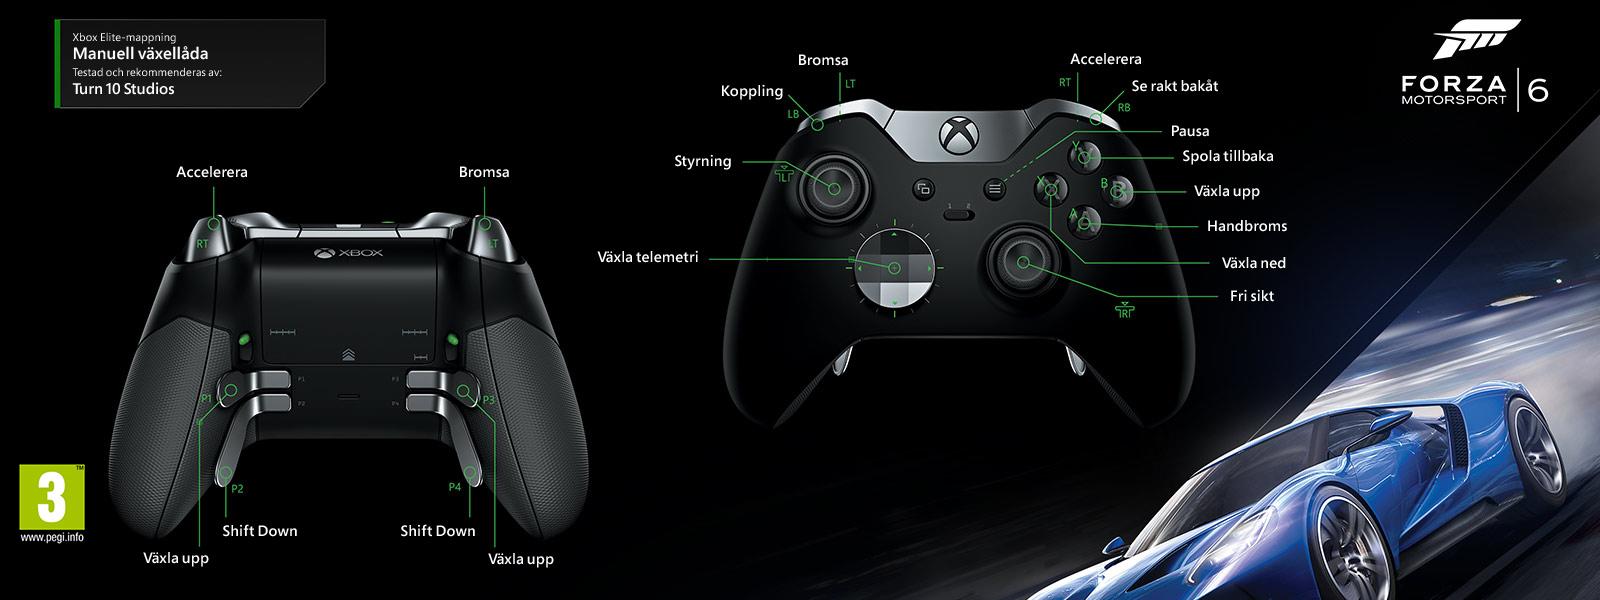 Forza Motorsport 6 – Elite-mappning för manuell växellåda